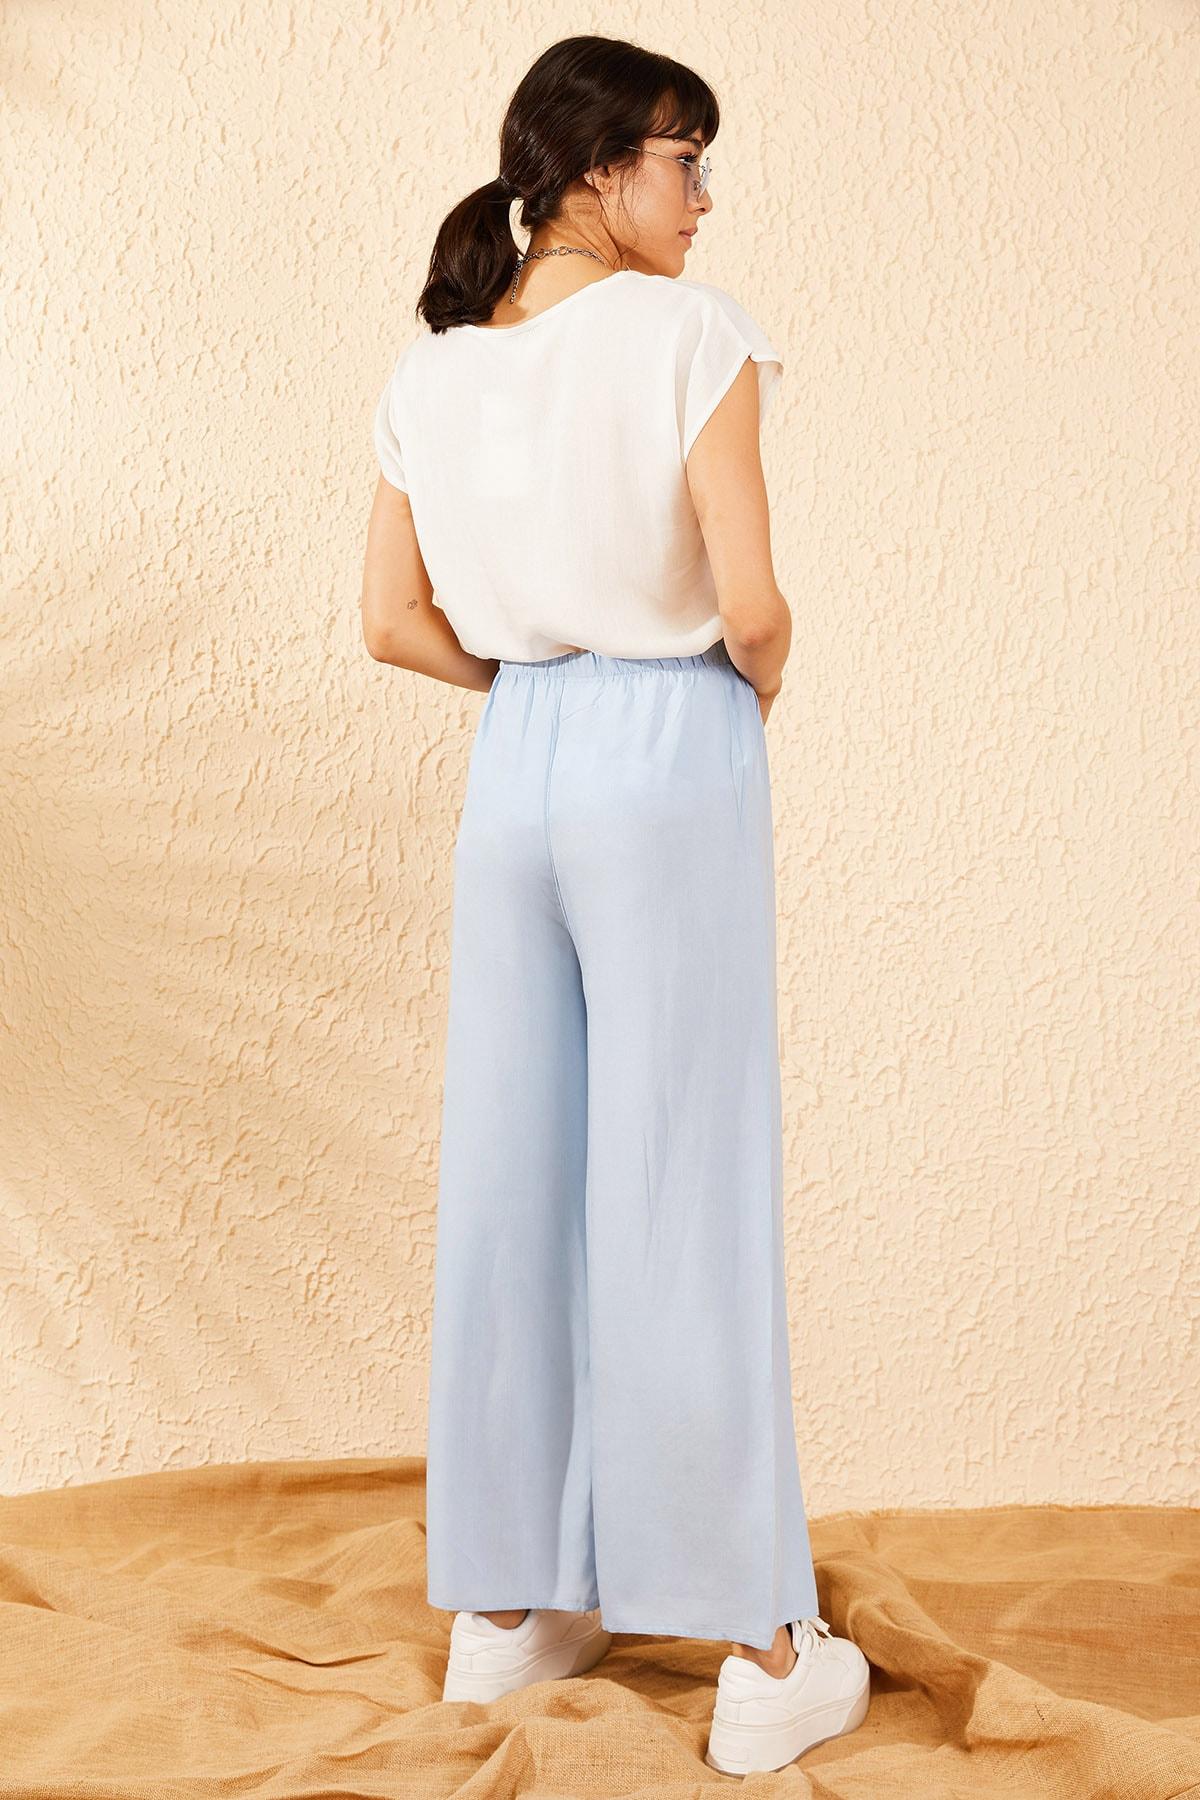 Bianco Lucci Kadın Buz Mavisi Beli Kuşaklı Bol Paça Viskon Pantolon 10061050 1